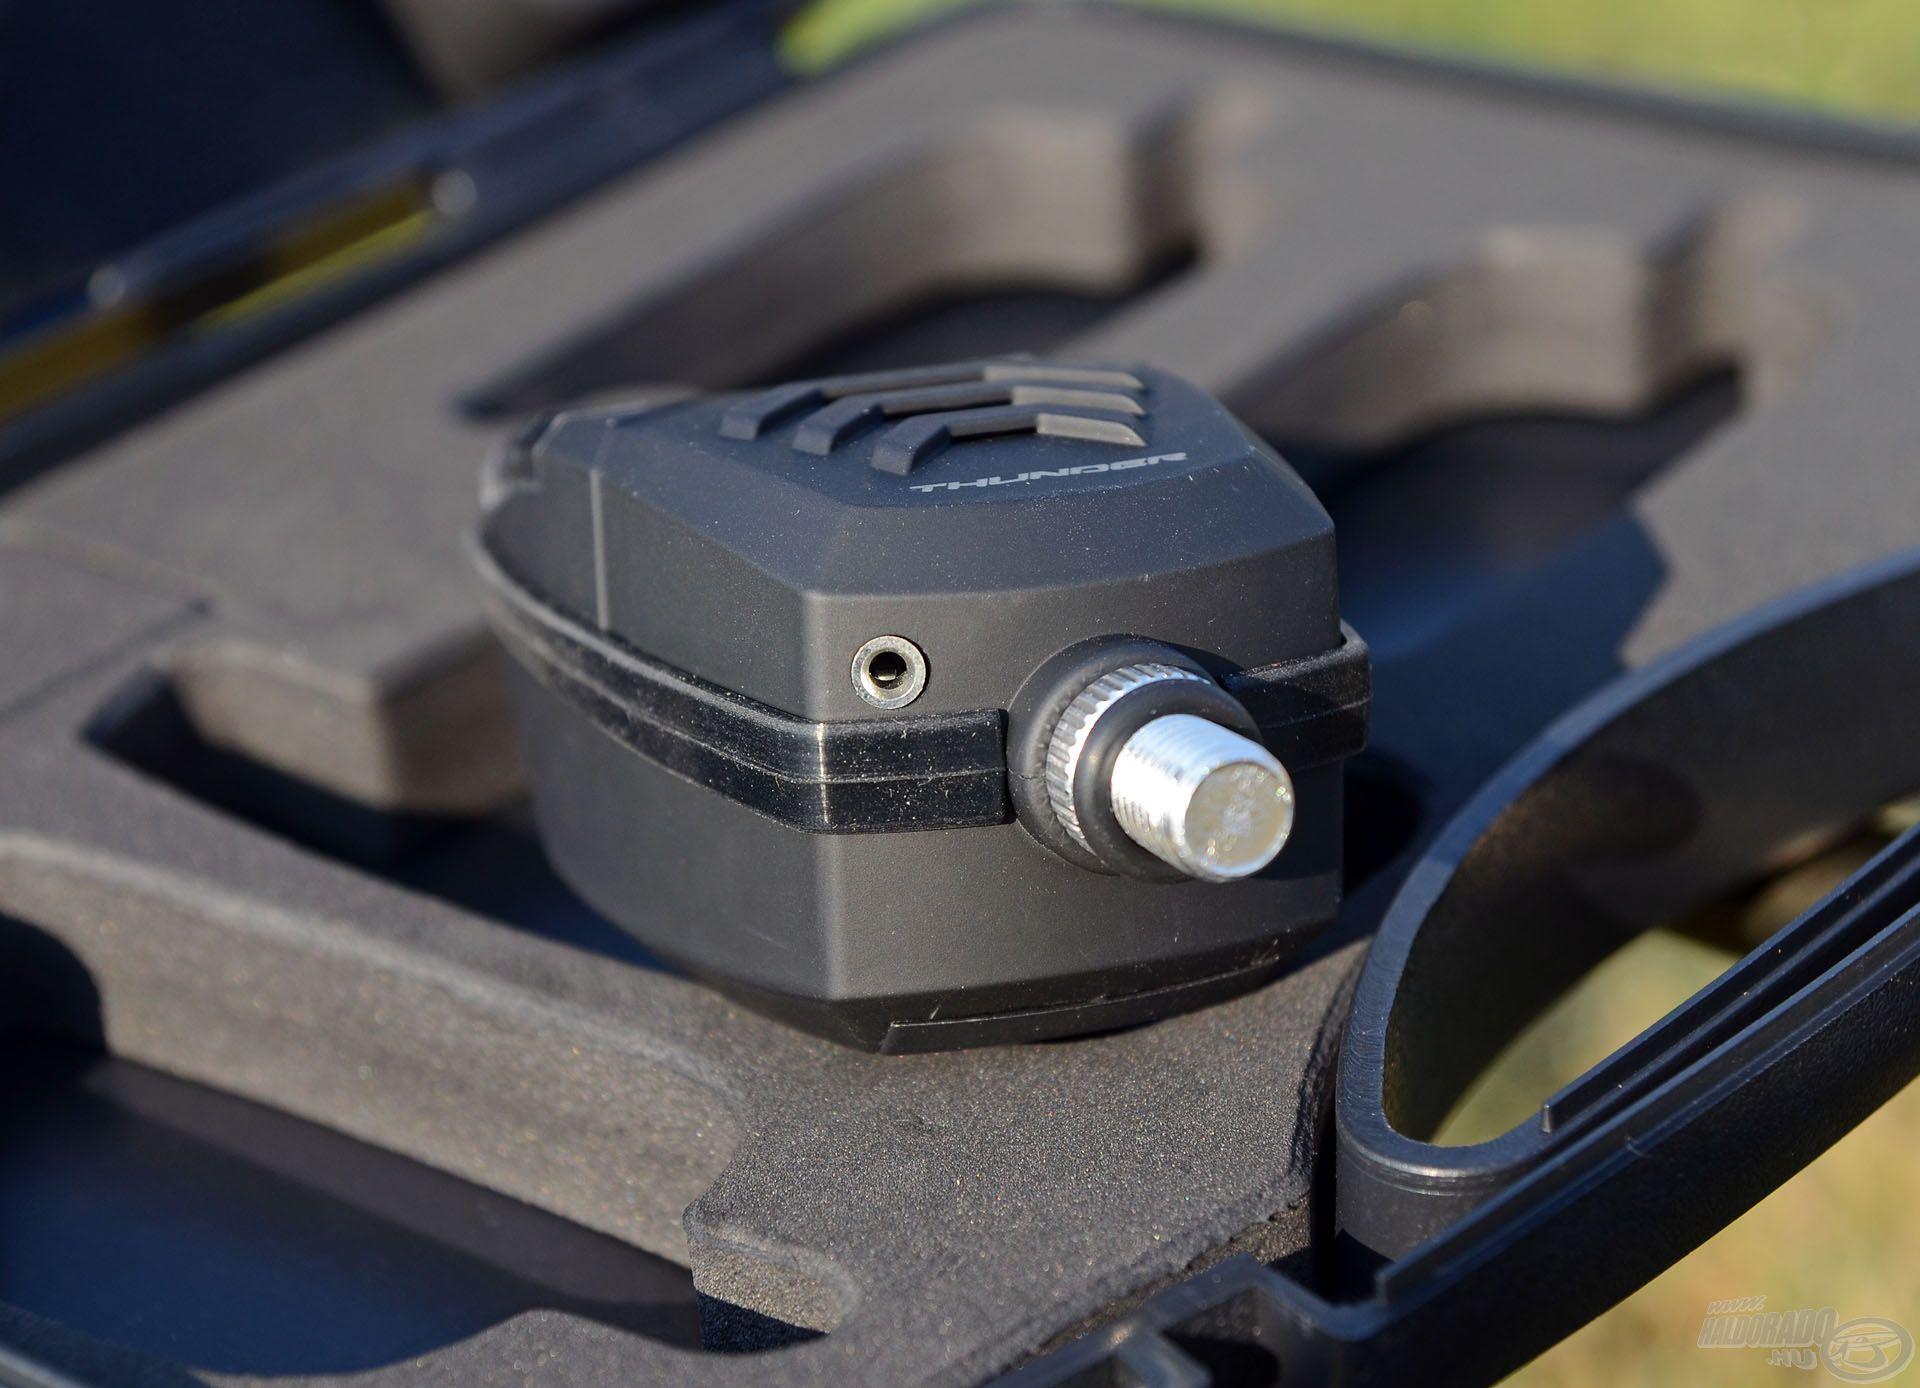 A kapásjelzők beépített swinger csatlakozóval vannak ellátva, így a világító funkciós swingerek áramellátása gond nélkül biztosítható